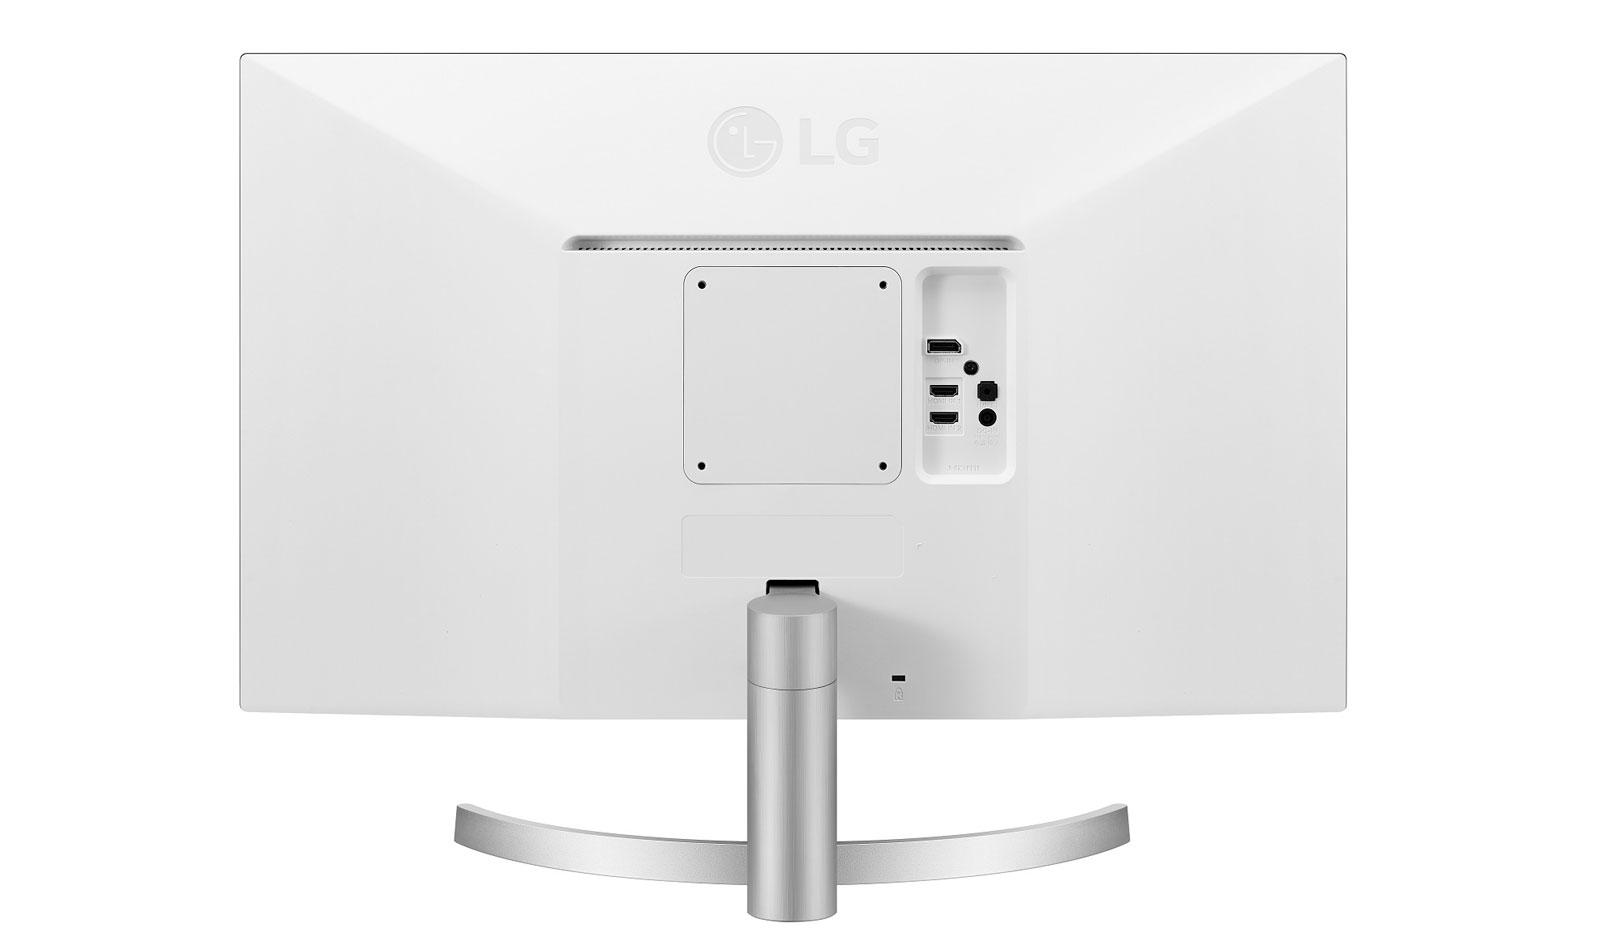 מסך מחשב 27 אינטש 4K מקצועי LG 27UL500-W אל ג'י - תמונה 7